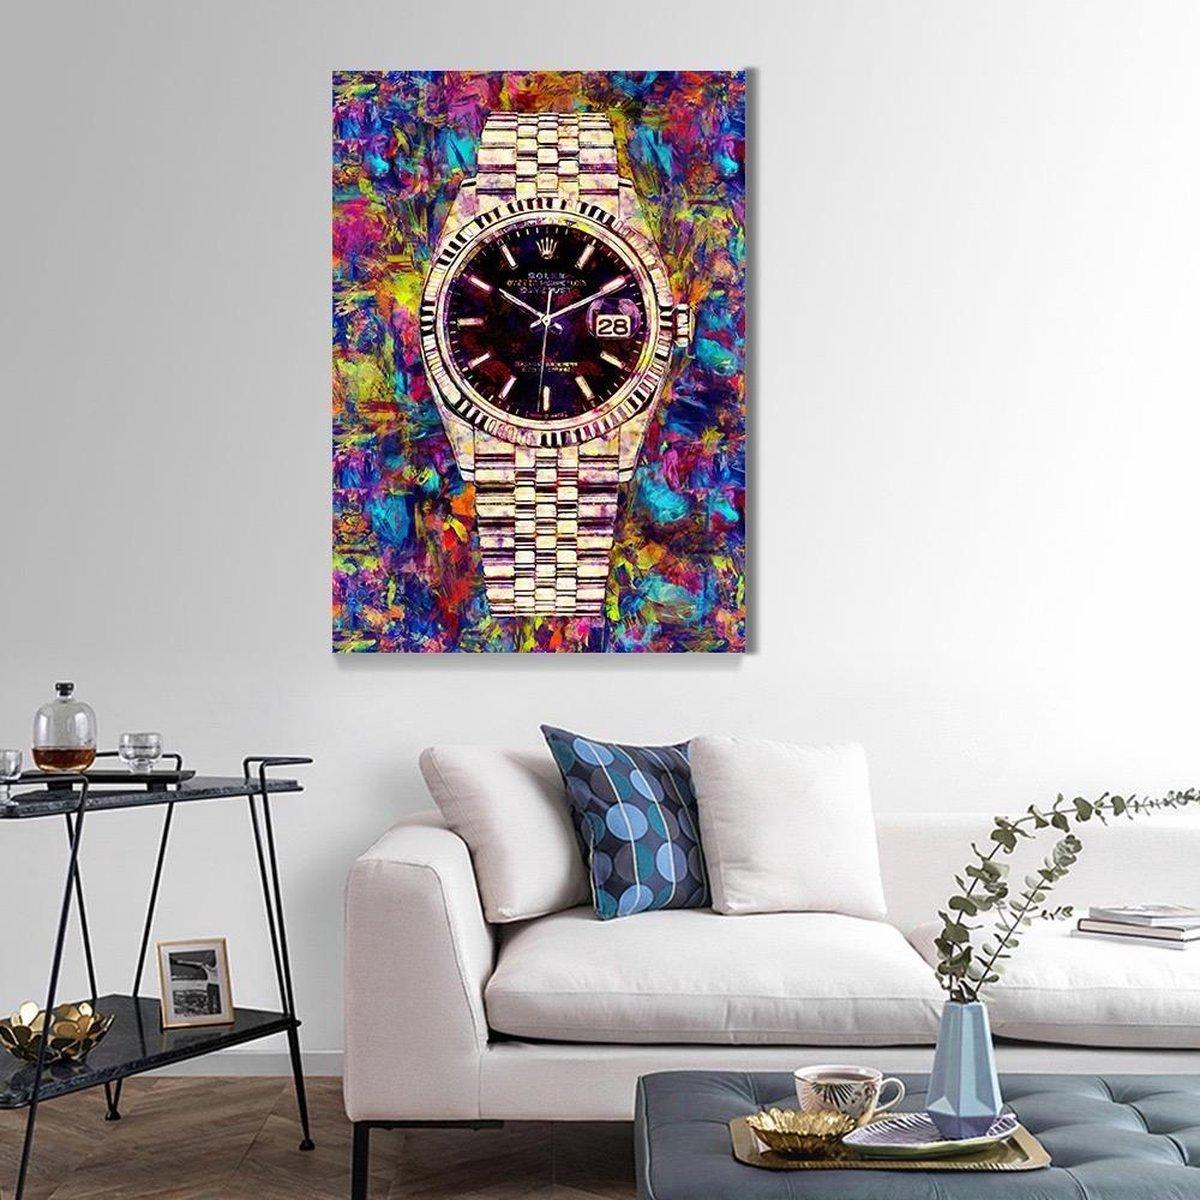 Rolex schilderij - Canvas poster - Canvas - Rolex - Schilderij - Poster - Premium decoratie - Huisdecoratie - 60x80cm - XL Canvas - Valentijn cadeau voor hem